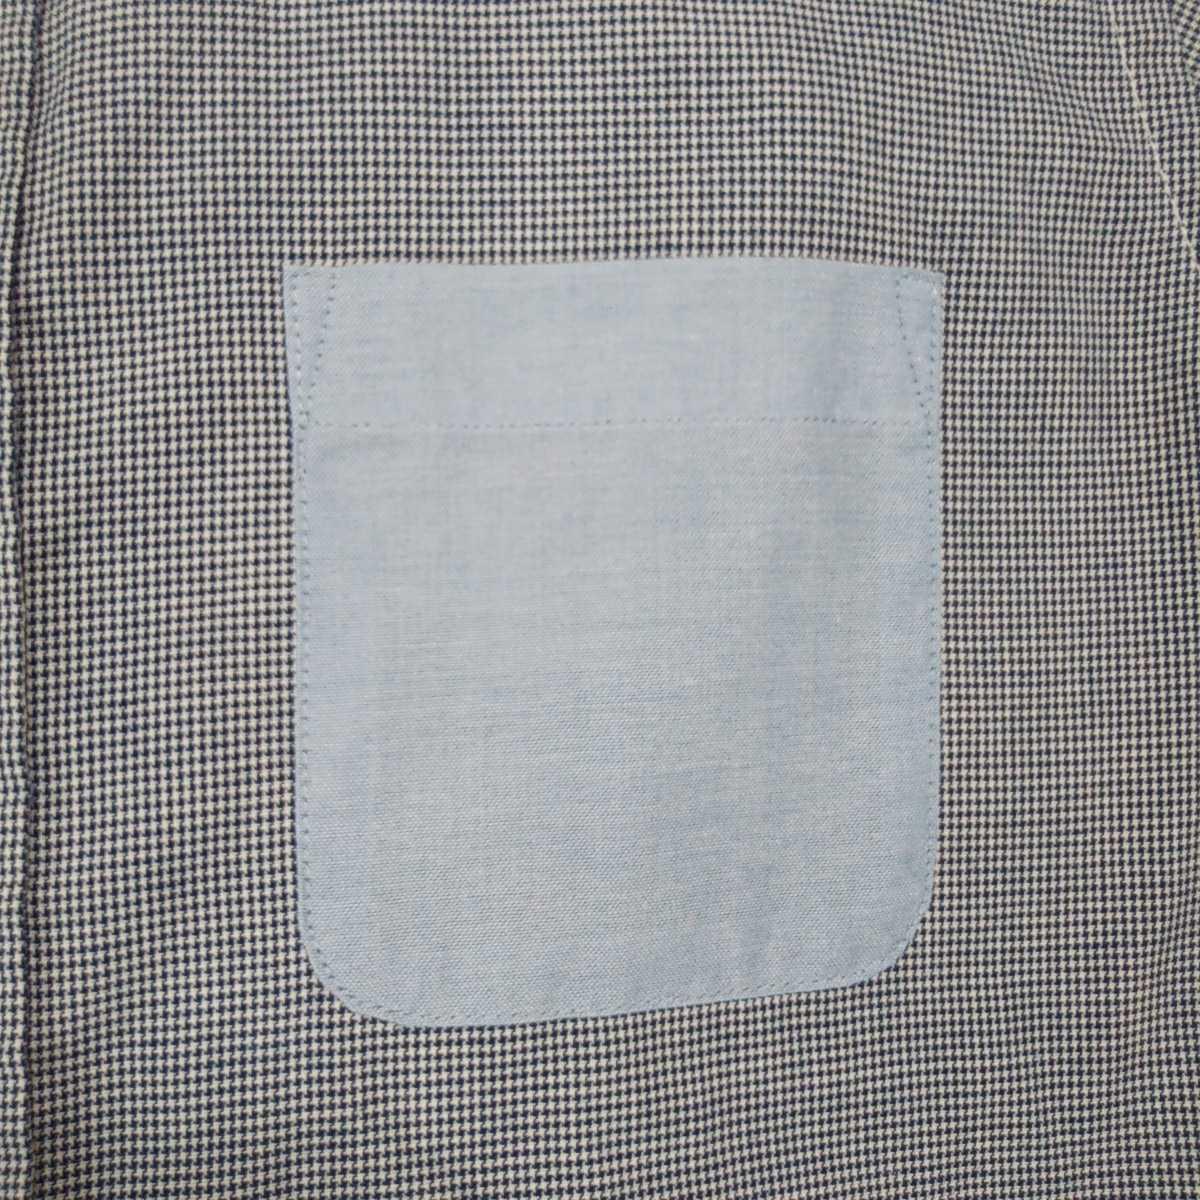 ☆1~2度使用☆イオン トップバリュー スマートスタンダード メンズ 長袖シャツ Mサイズ 爽やか 千鳥柄 ネイビー 紺×白 胸ポケット _画像8